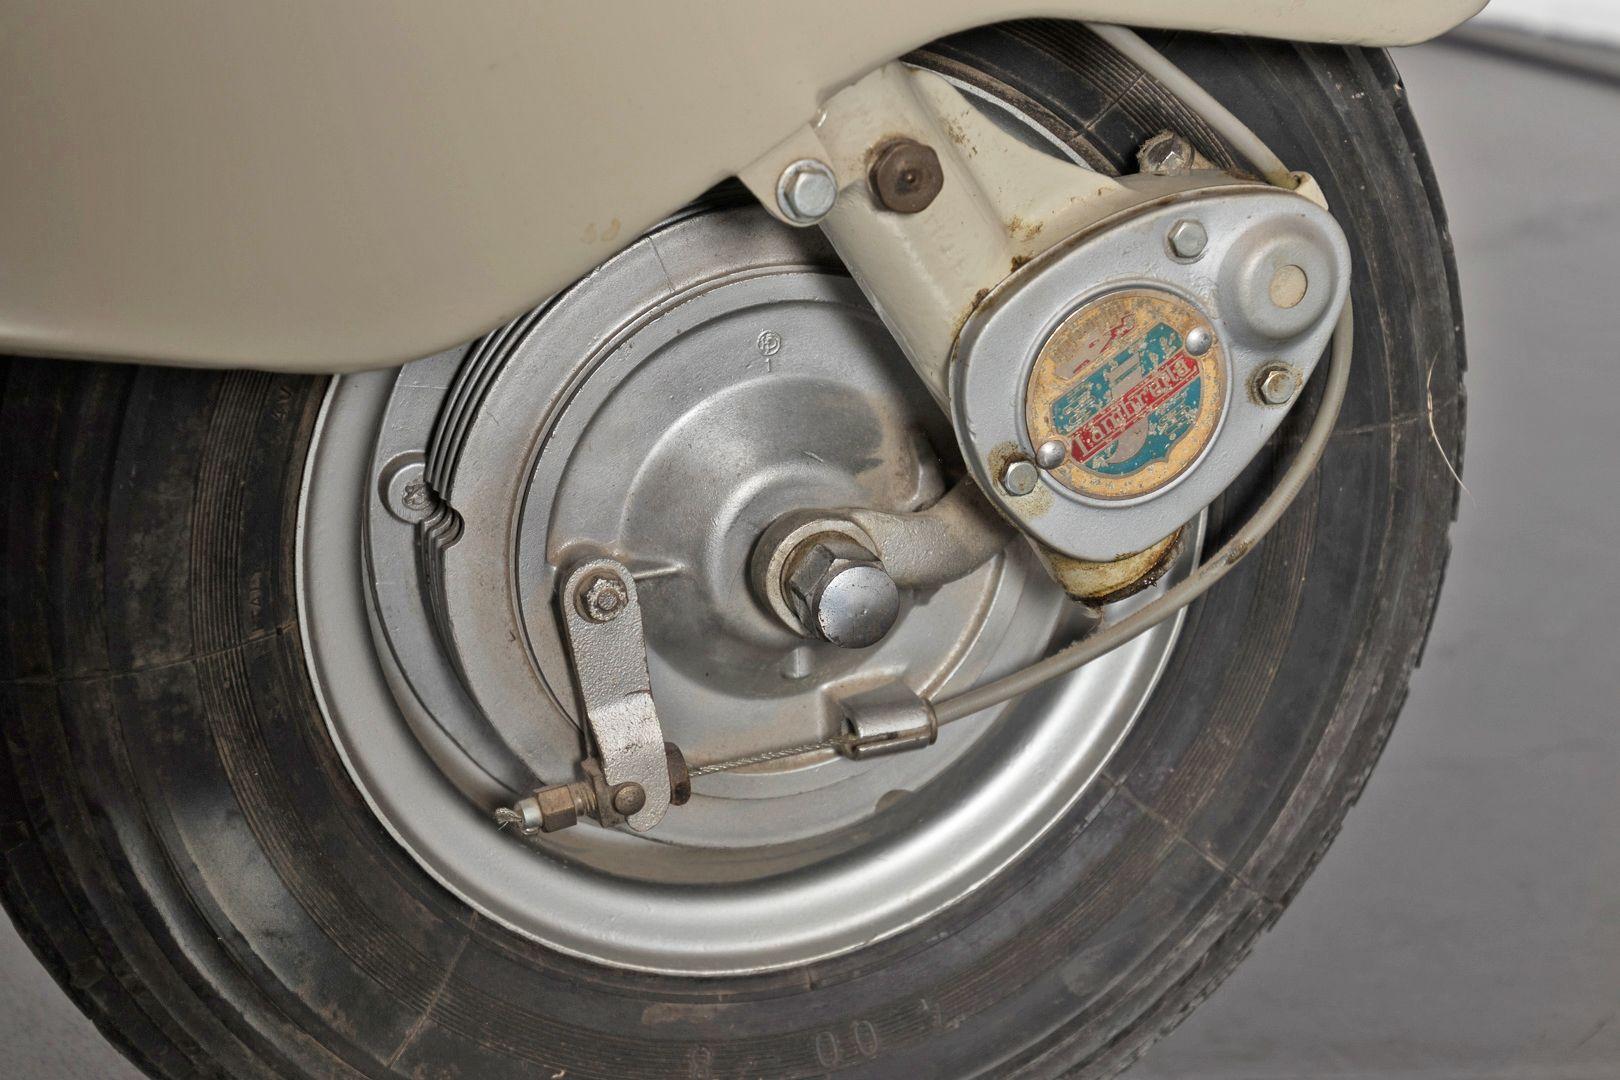 1954 Innocenti Lambretta 125 LD Avviamento Elettrico 36730